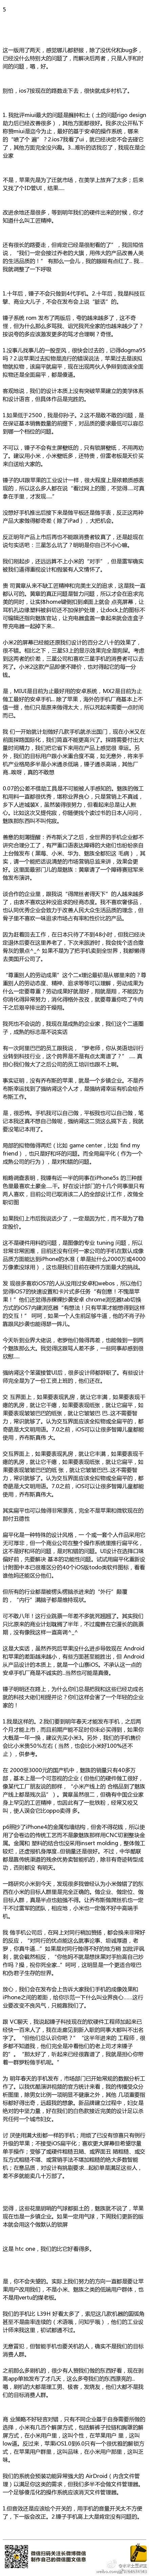 网友发博文汇总罗永浩当年吹过的牛-玩懂手机网 - 玩懂手机第一手的手机资讯网(www.wdshouji.com)